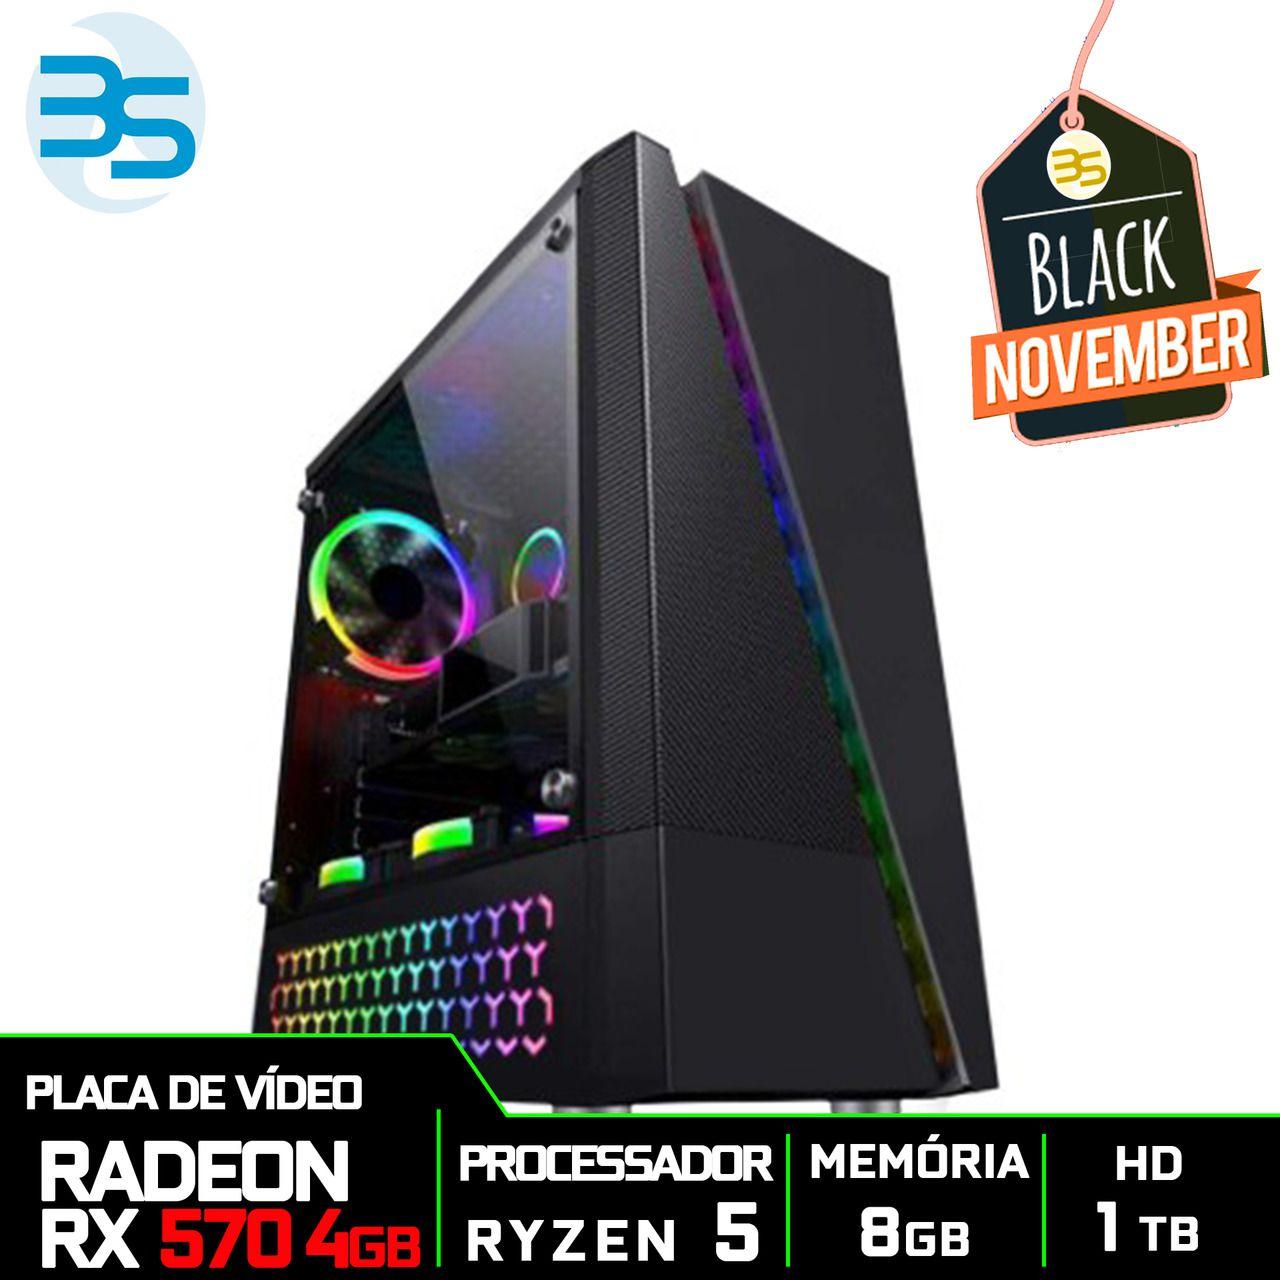 Computador Gamer AMD Ryzen 5 2600, HD 1TB, 8GB DDR4, 500W, RX 570 4GB